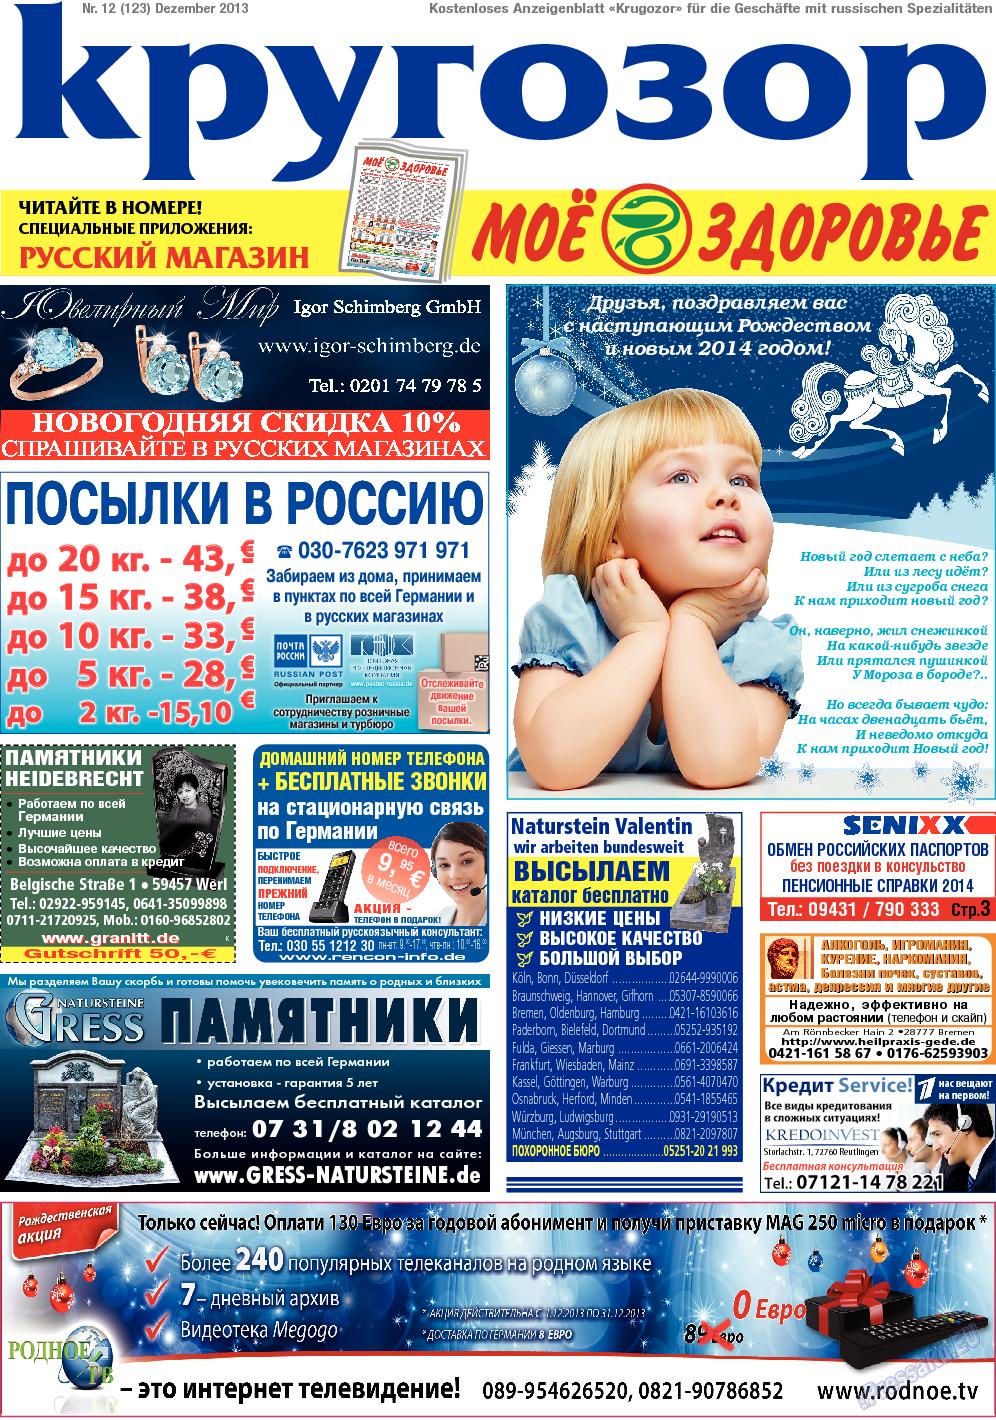 Кругозор (газета). 2013 год, номер 12, стр. 1